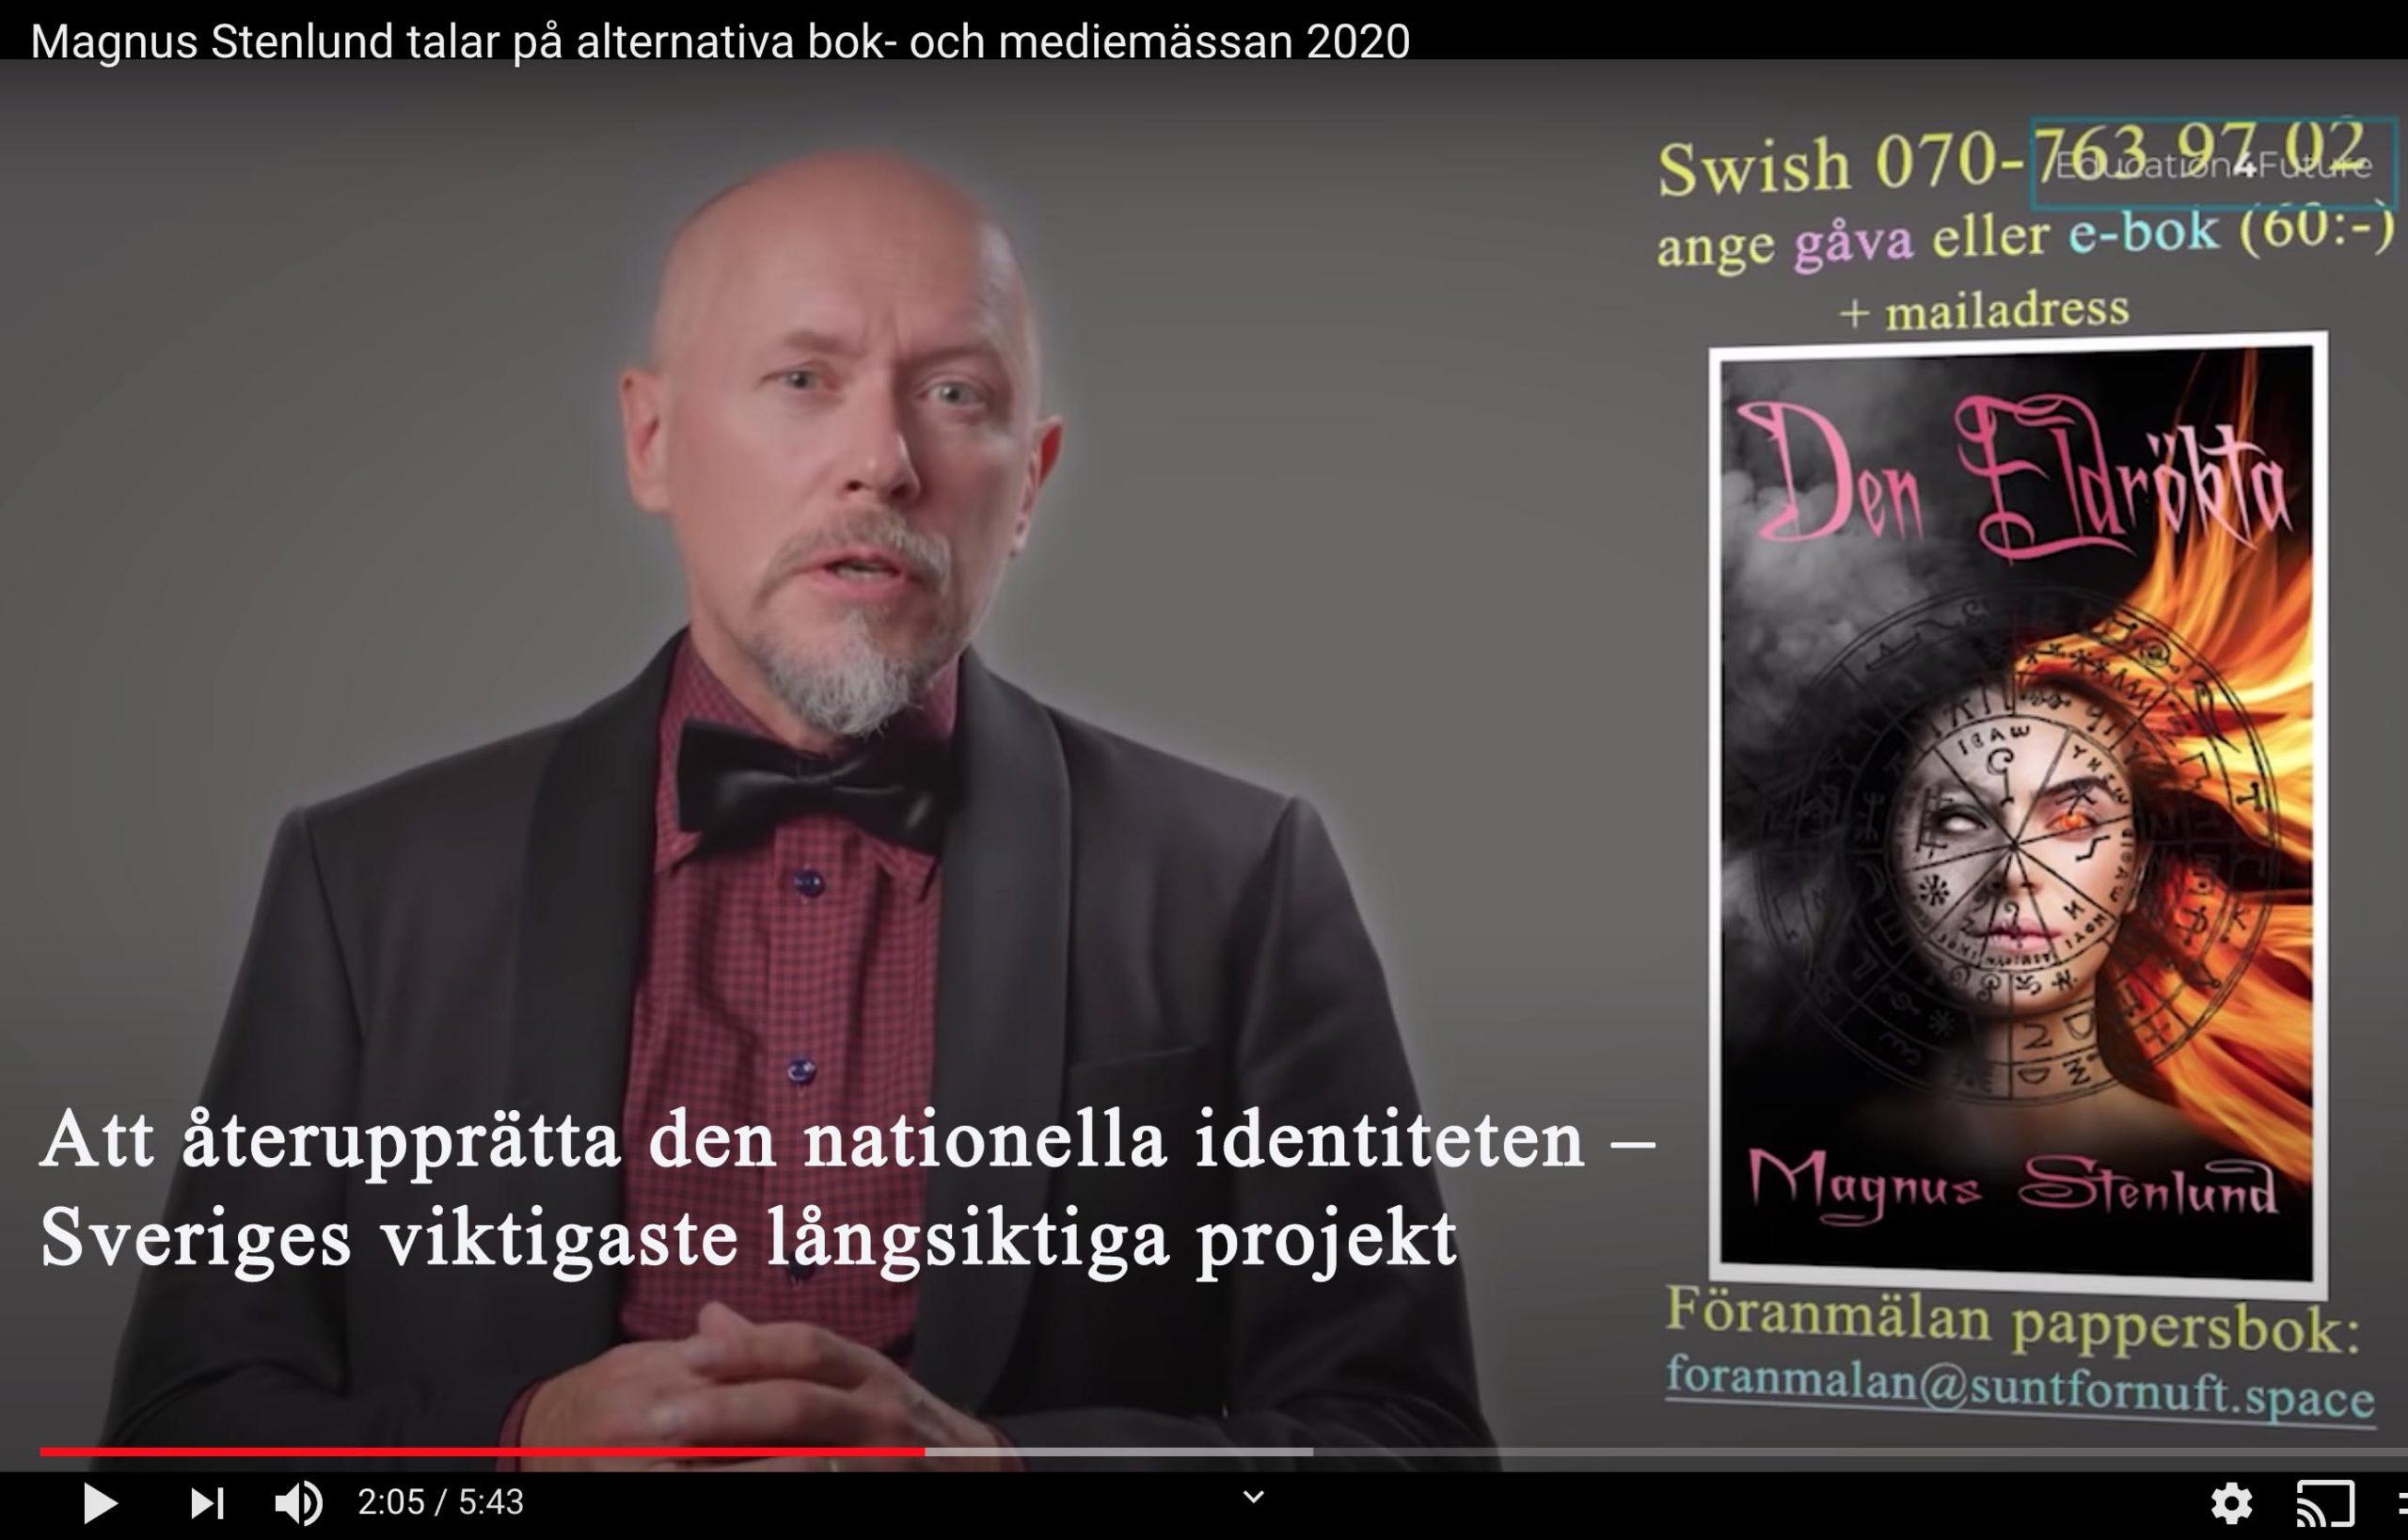 Att återupprätta vår nationella identitet – på sikt Sveriges viktigaste projekt.